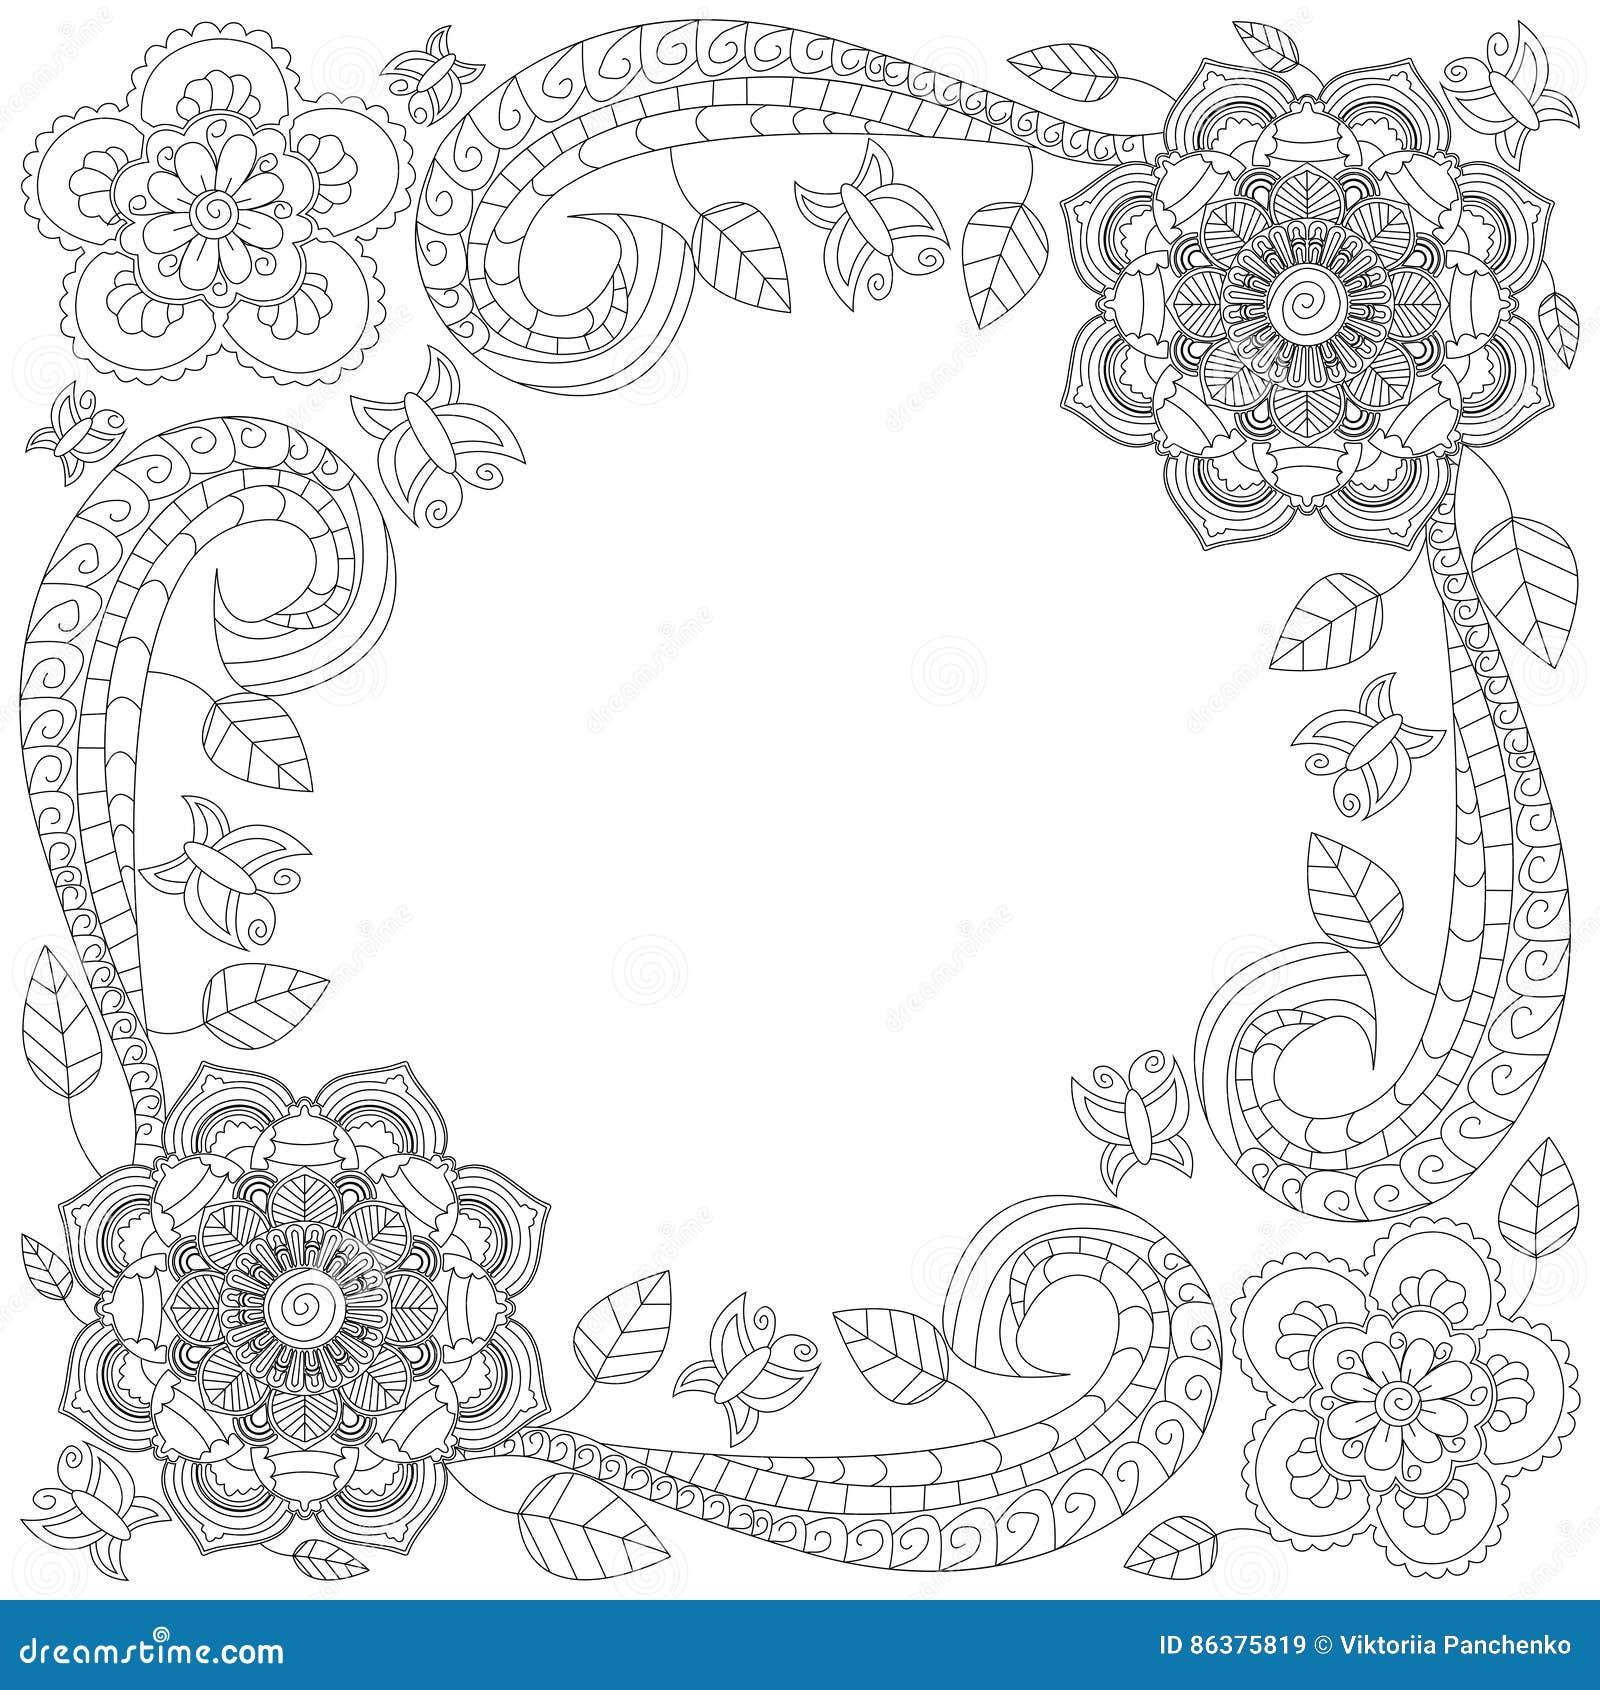 Coloriage Cadre Fleur.Illustration De Vecteur De Livre De Coloriage De Cadre De Fleur